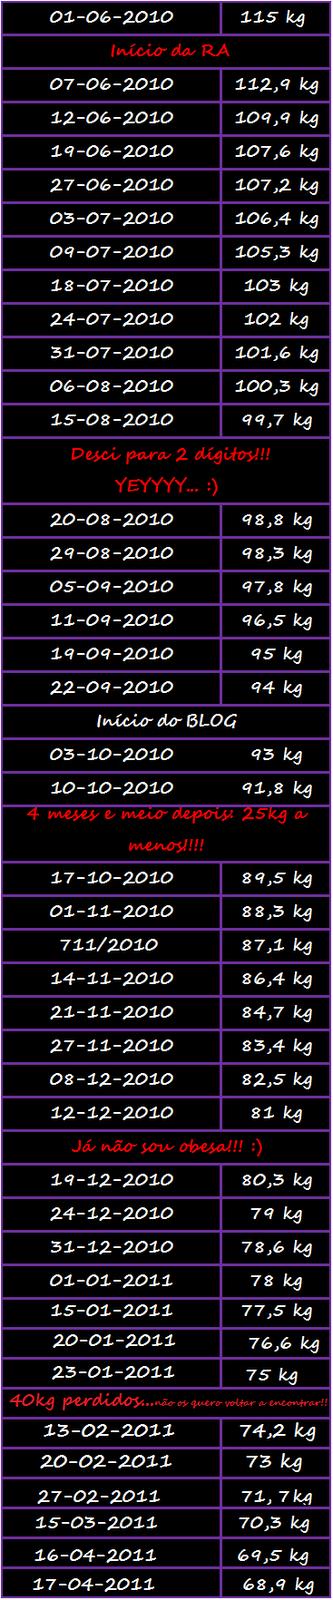 tabela de peso!